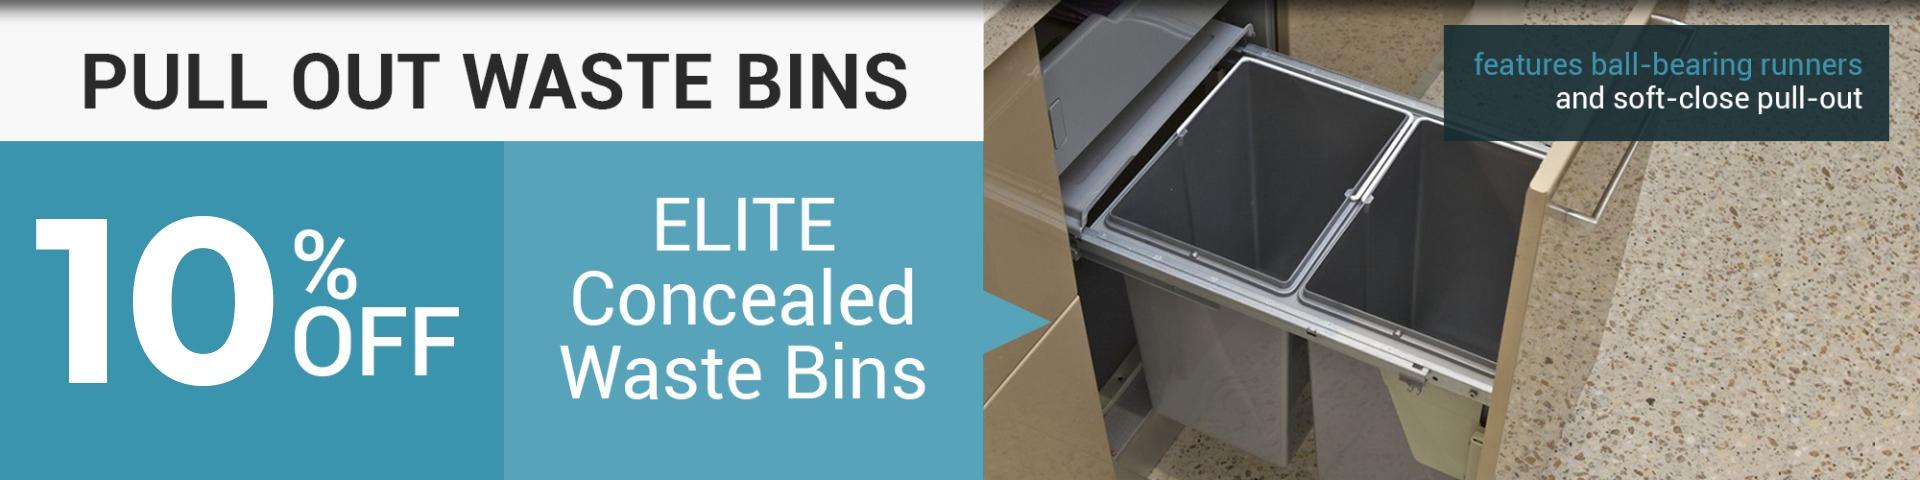 kitchen storage, pull-out bin, waste bins, concealed waste bins